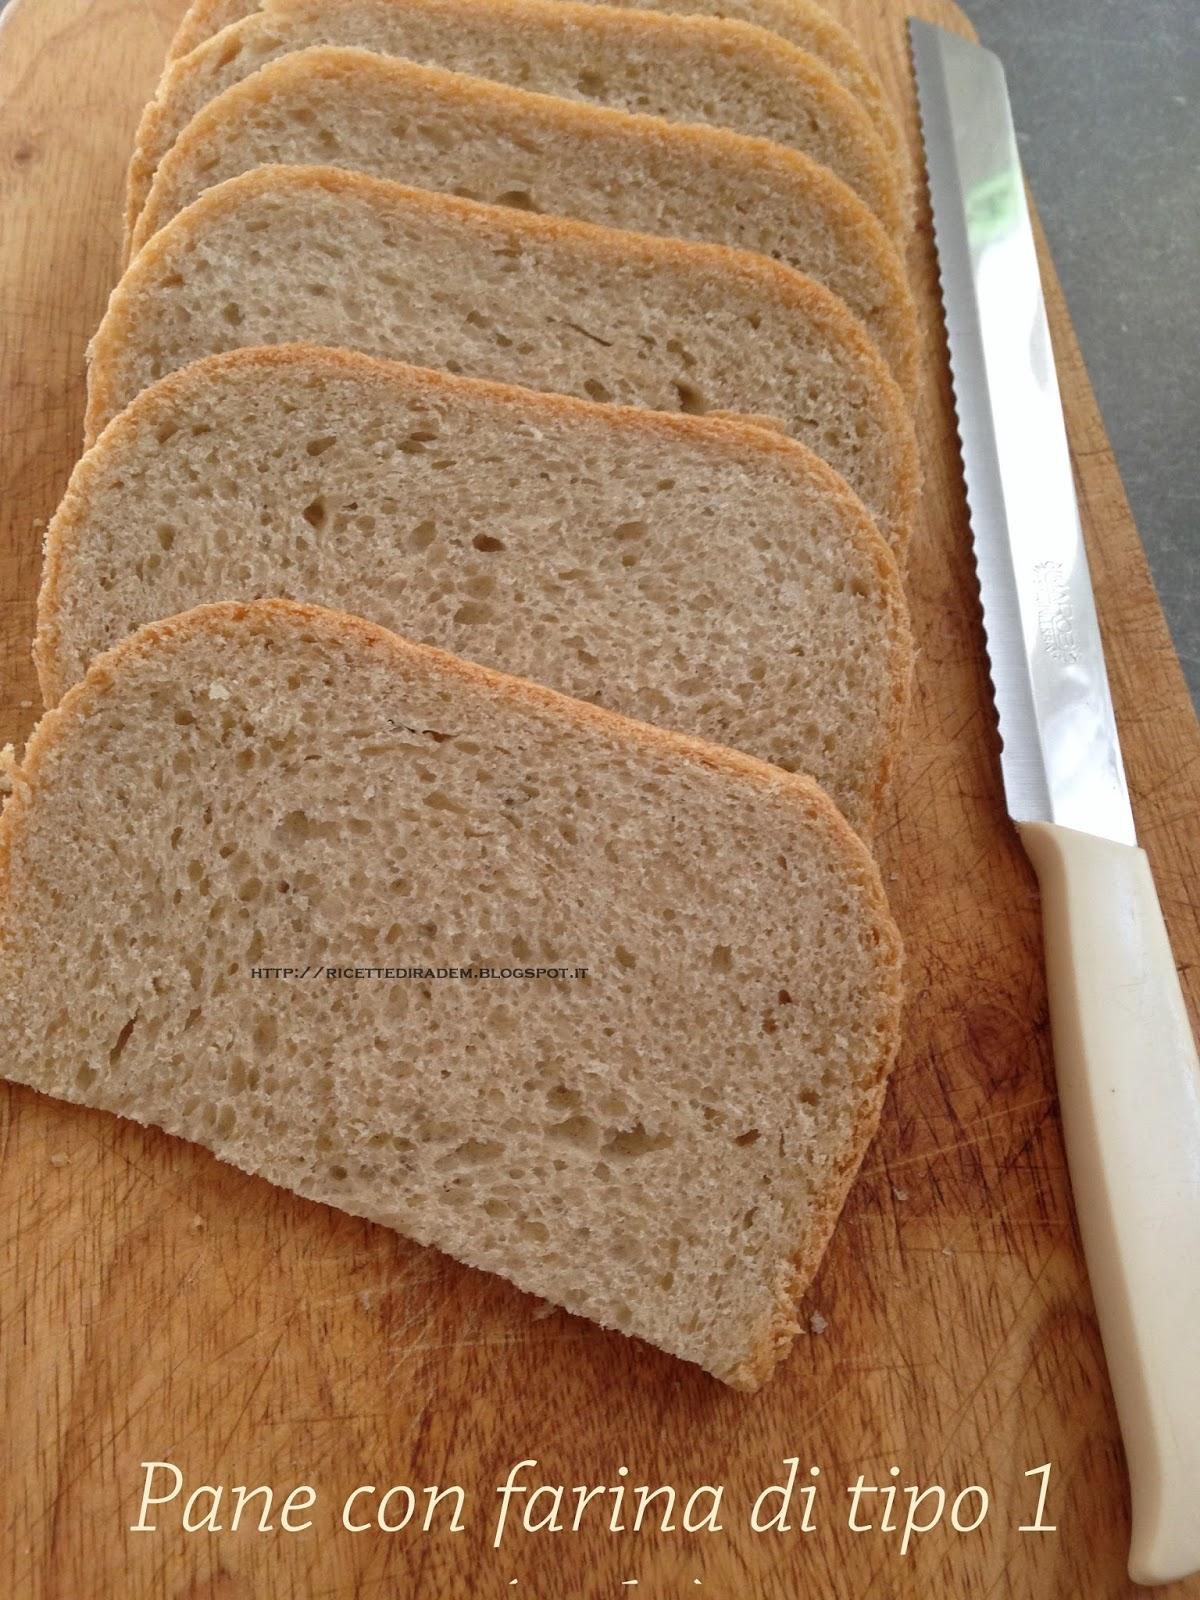 Preferenza L'angolo delle delizie: Pane con farina di tipo 1 MX19